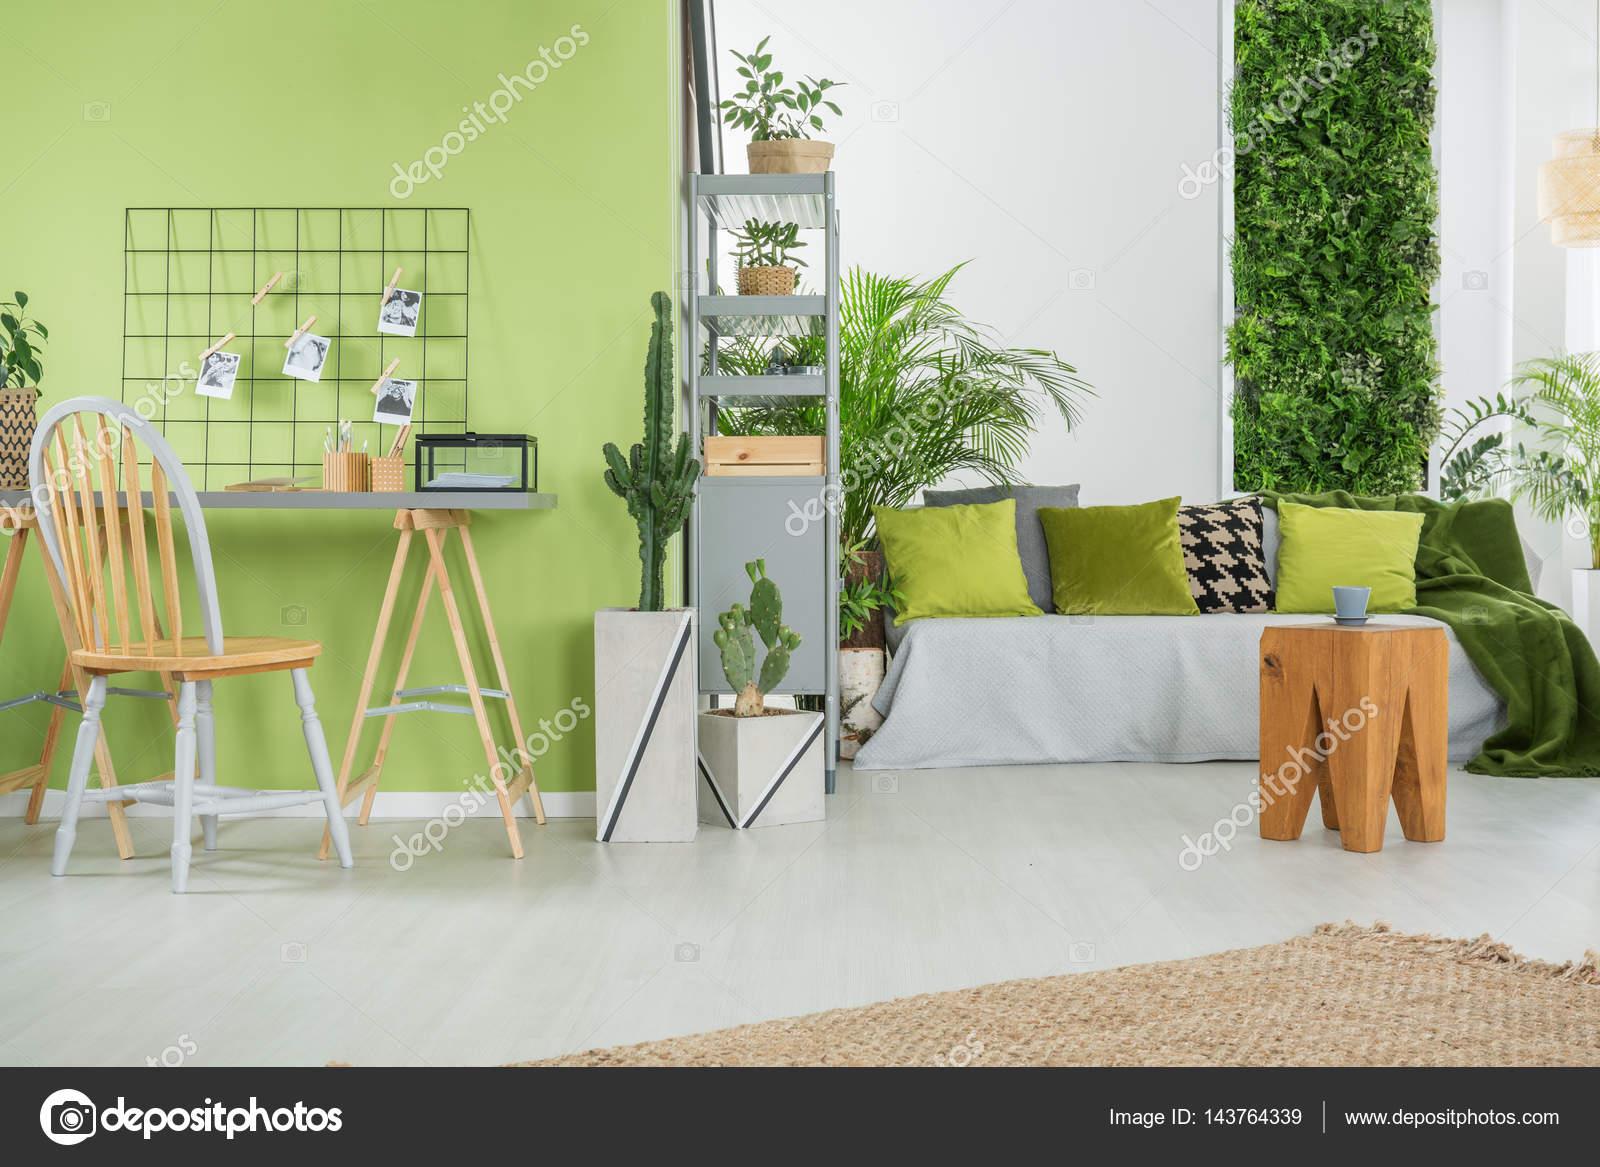 Groen interieur met Bank — Stockfoto © photographee.eu #143764339